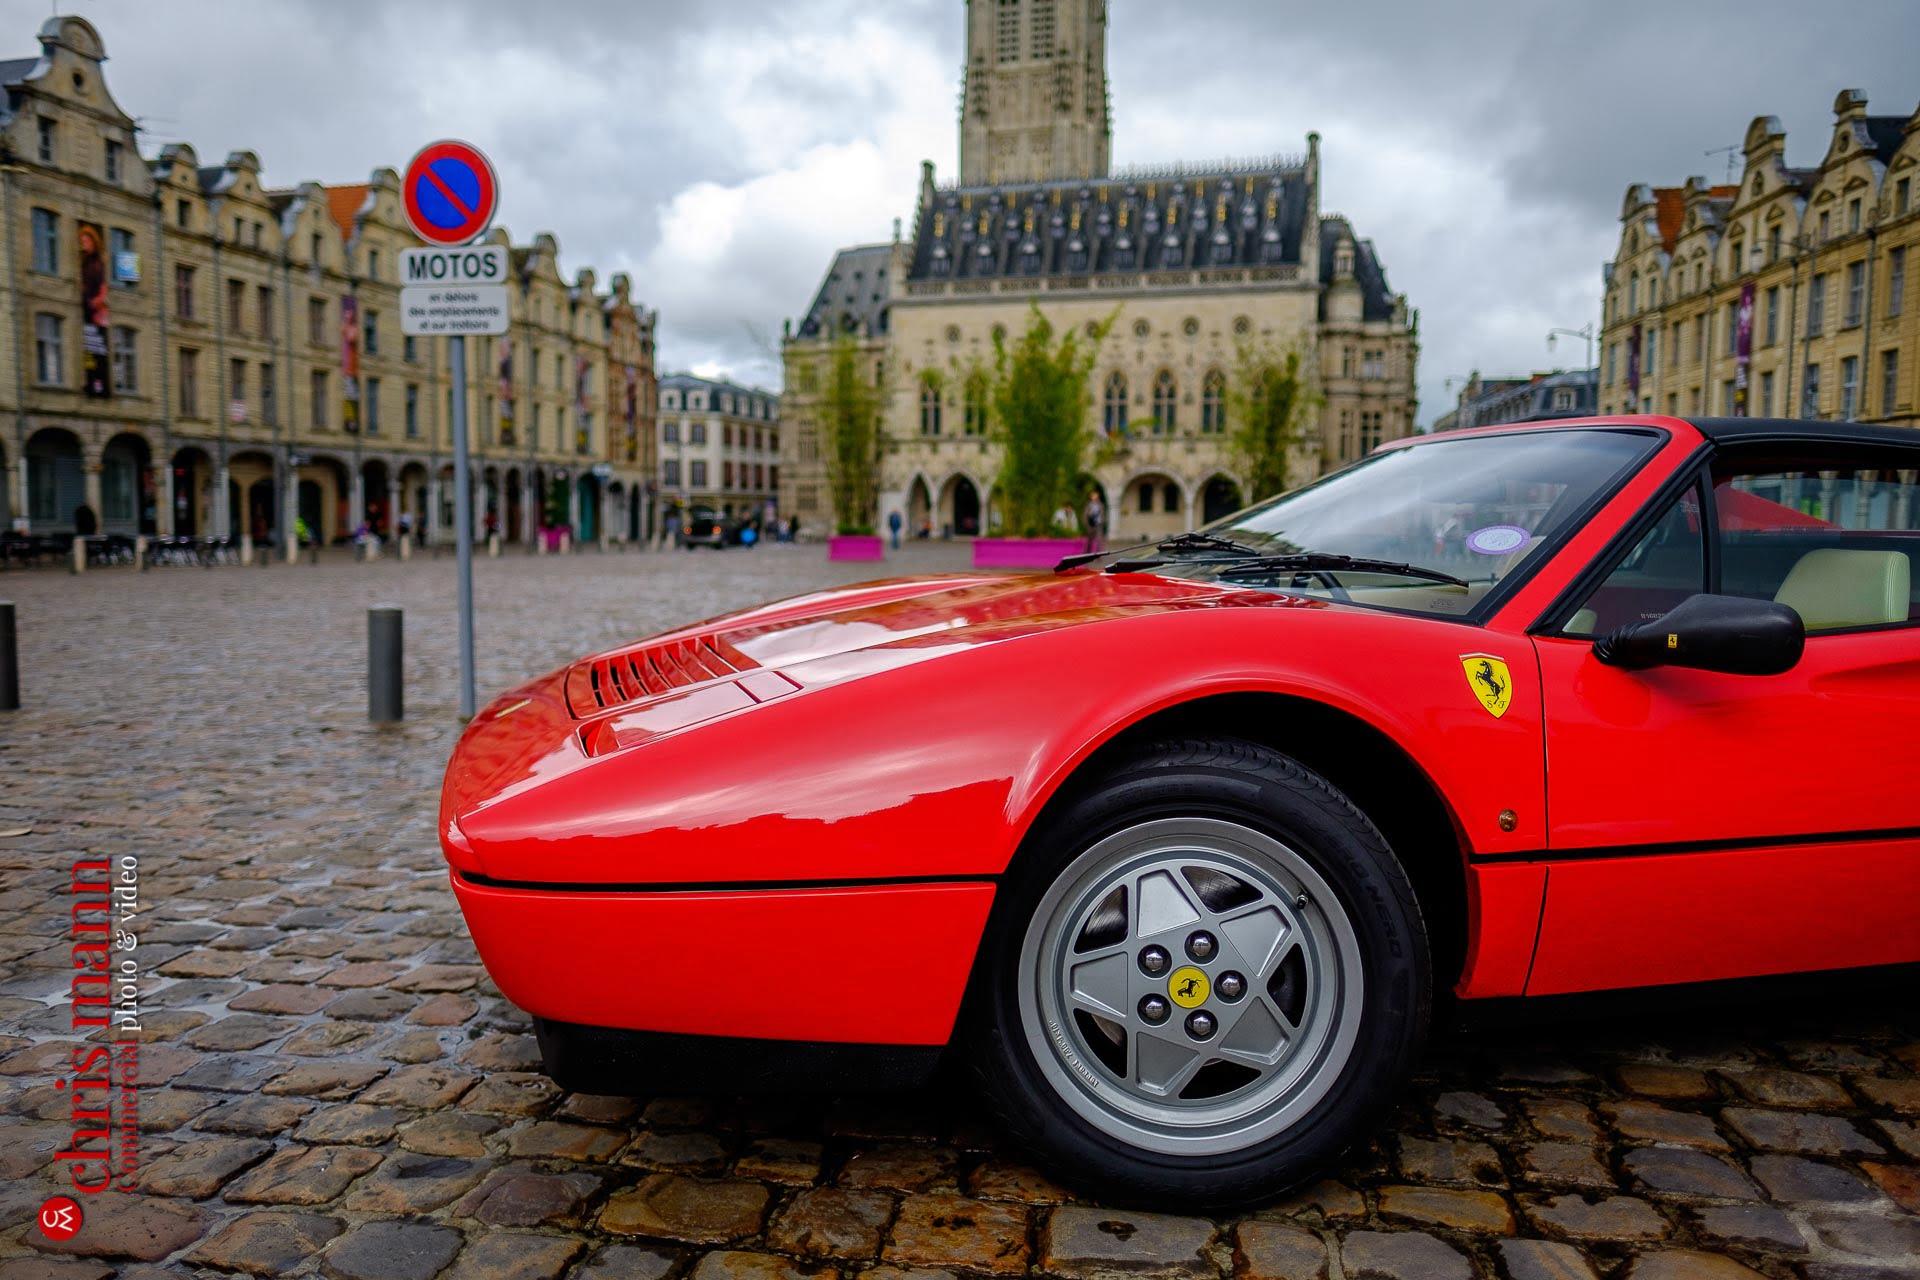 Ferrari Champagne Road-trip to Reims - 328 GTS Targa Place des Héros Arras France